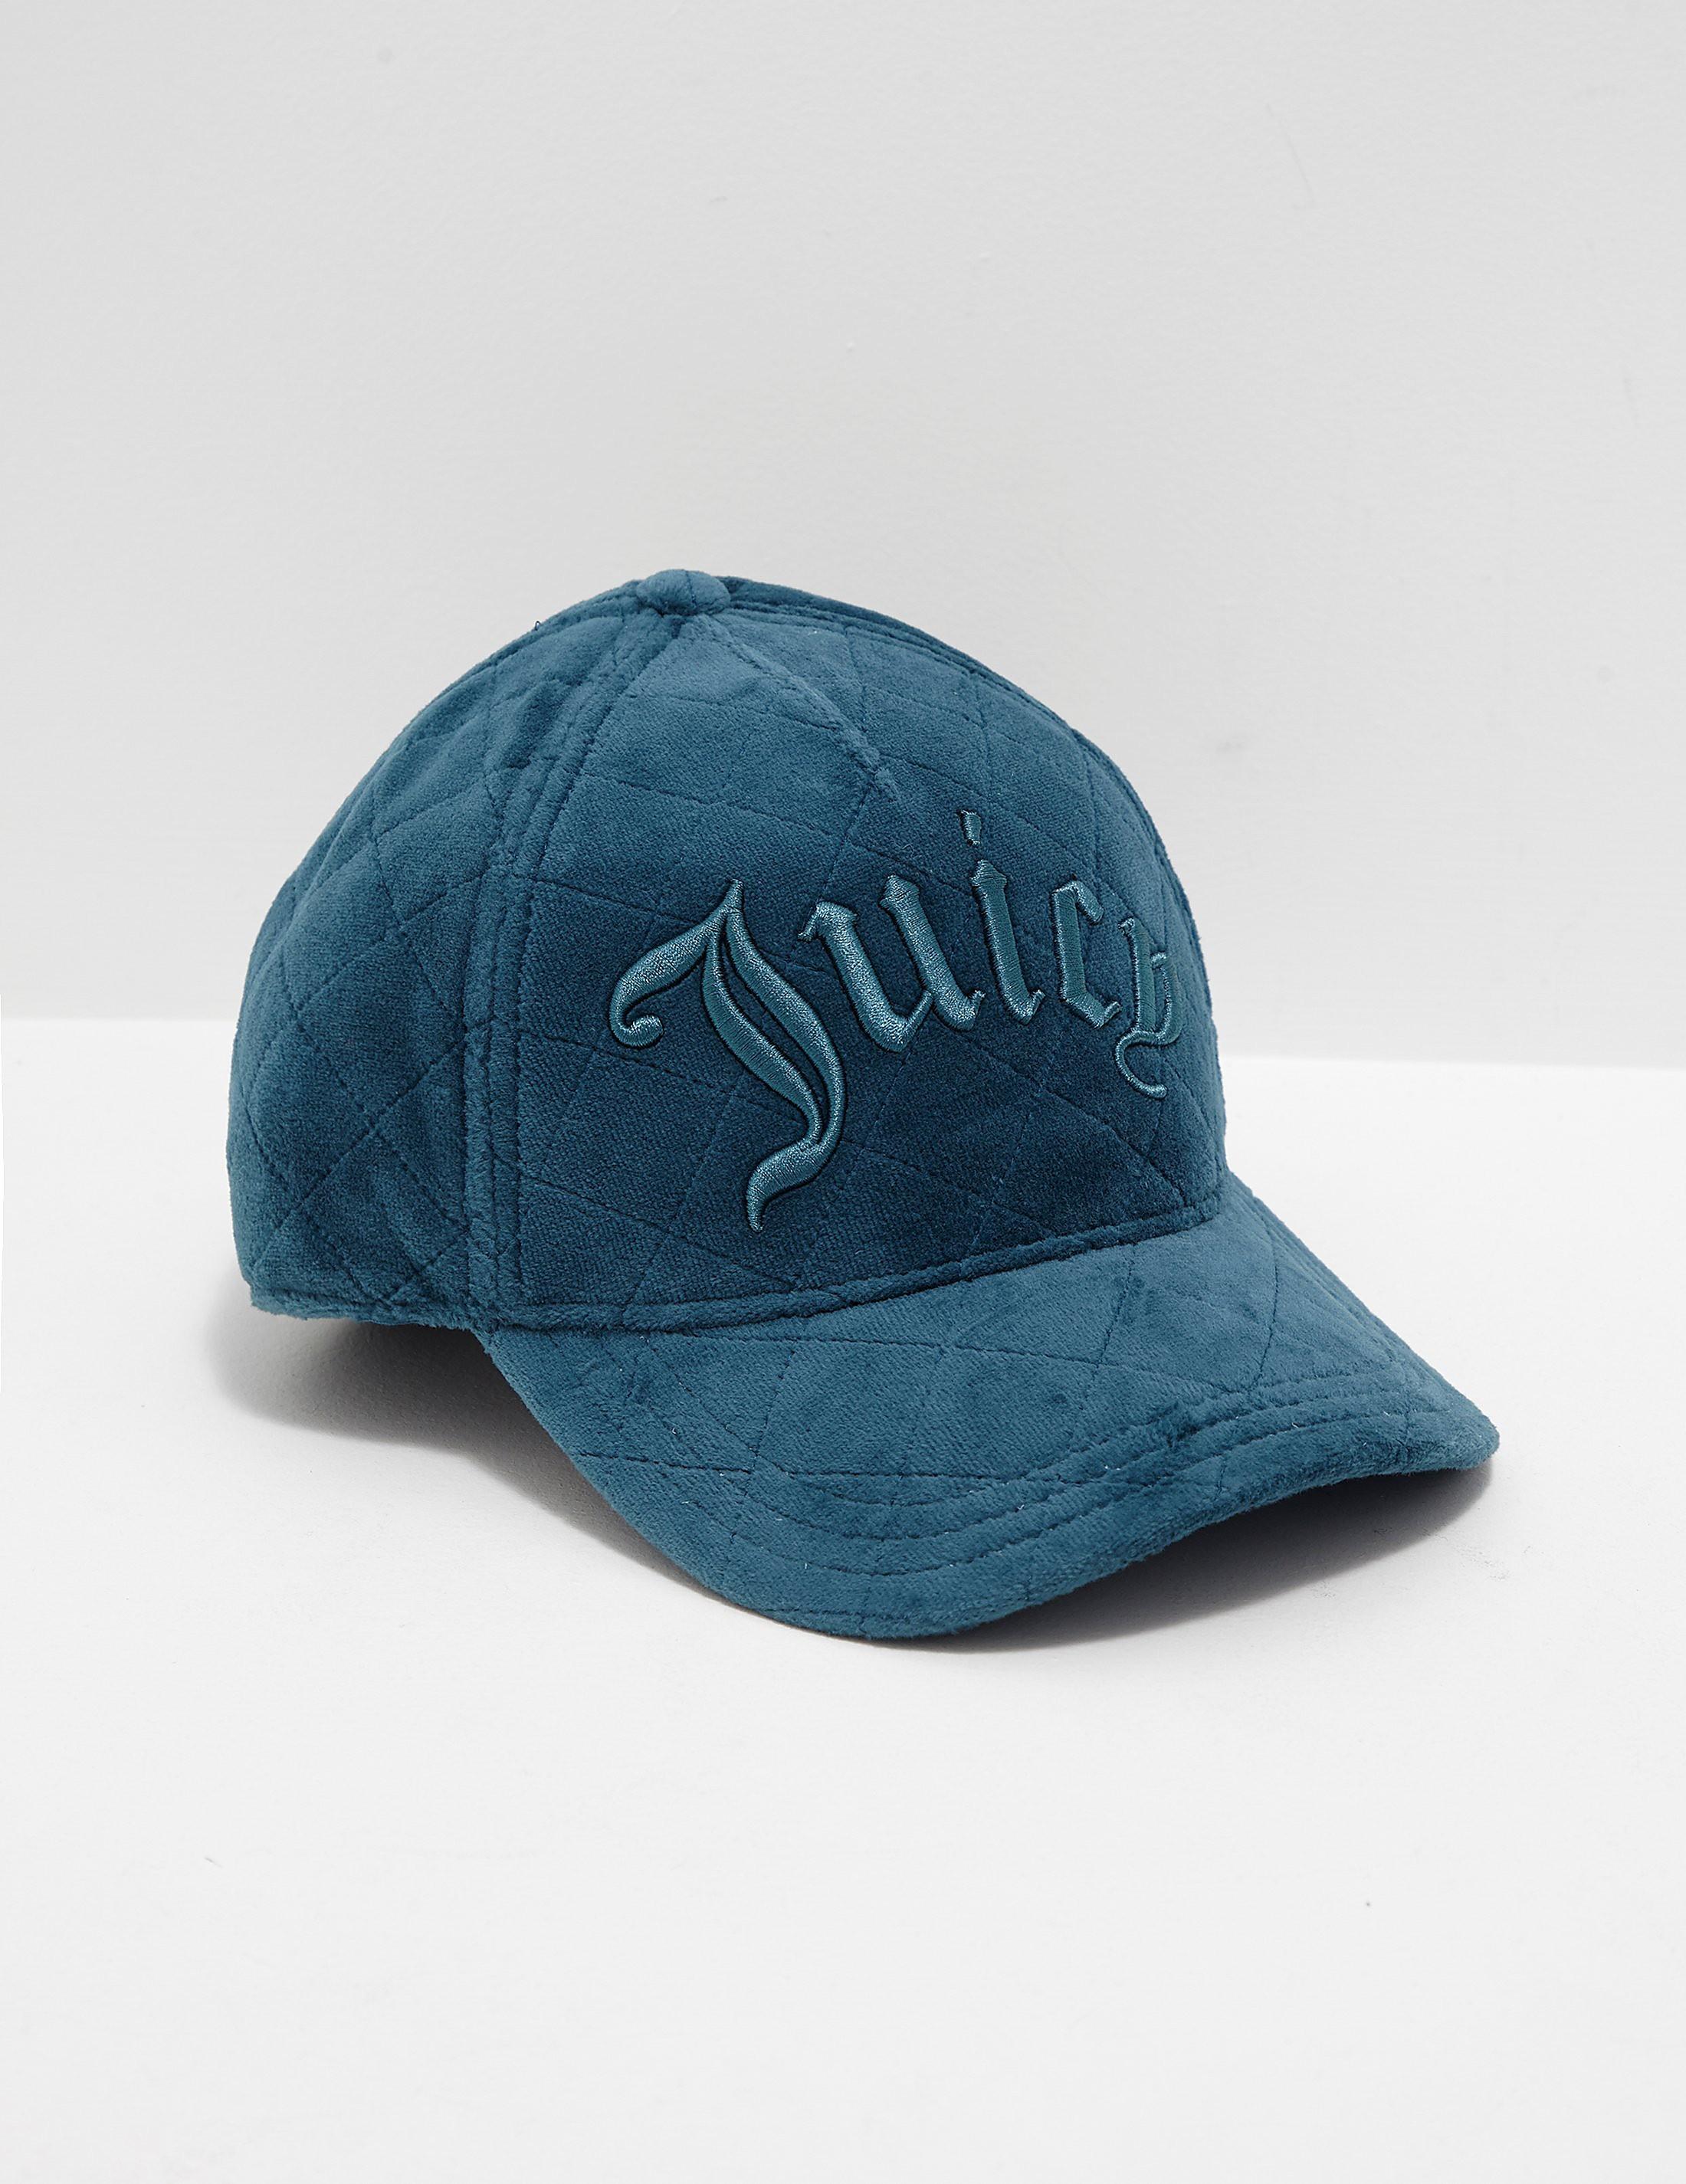 Juicy Couture Velour Cap